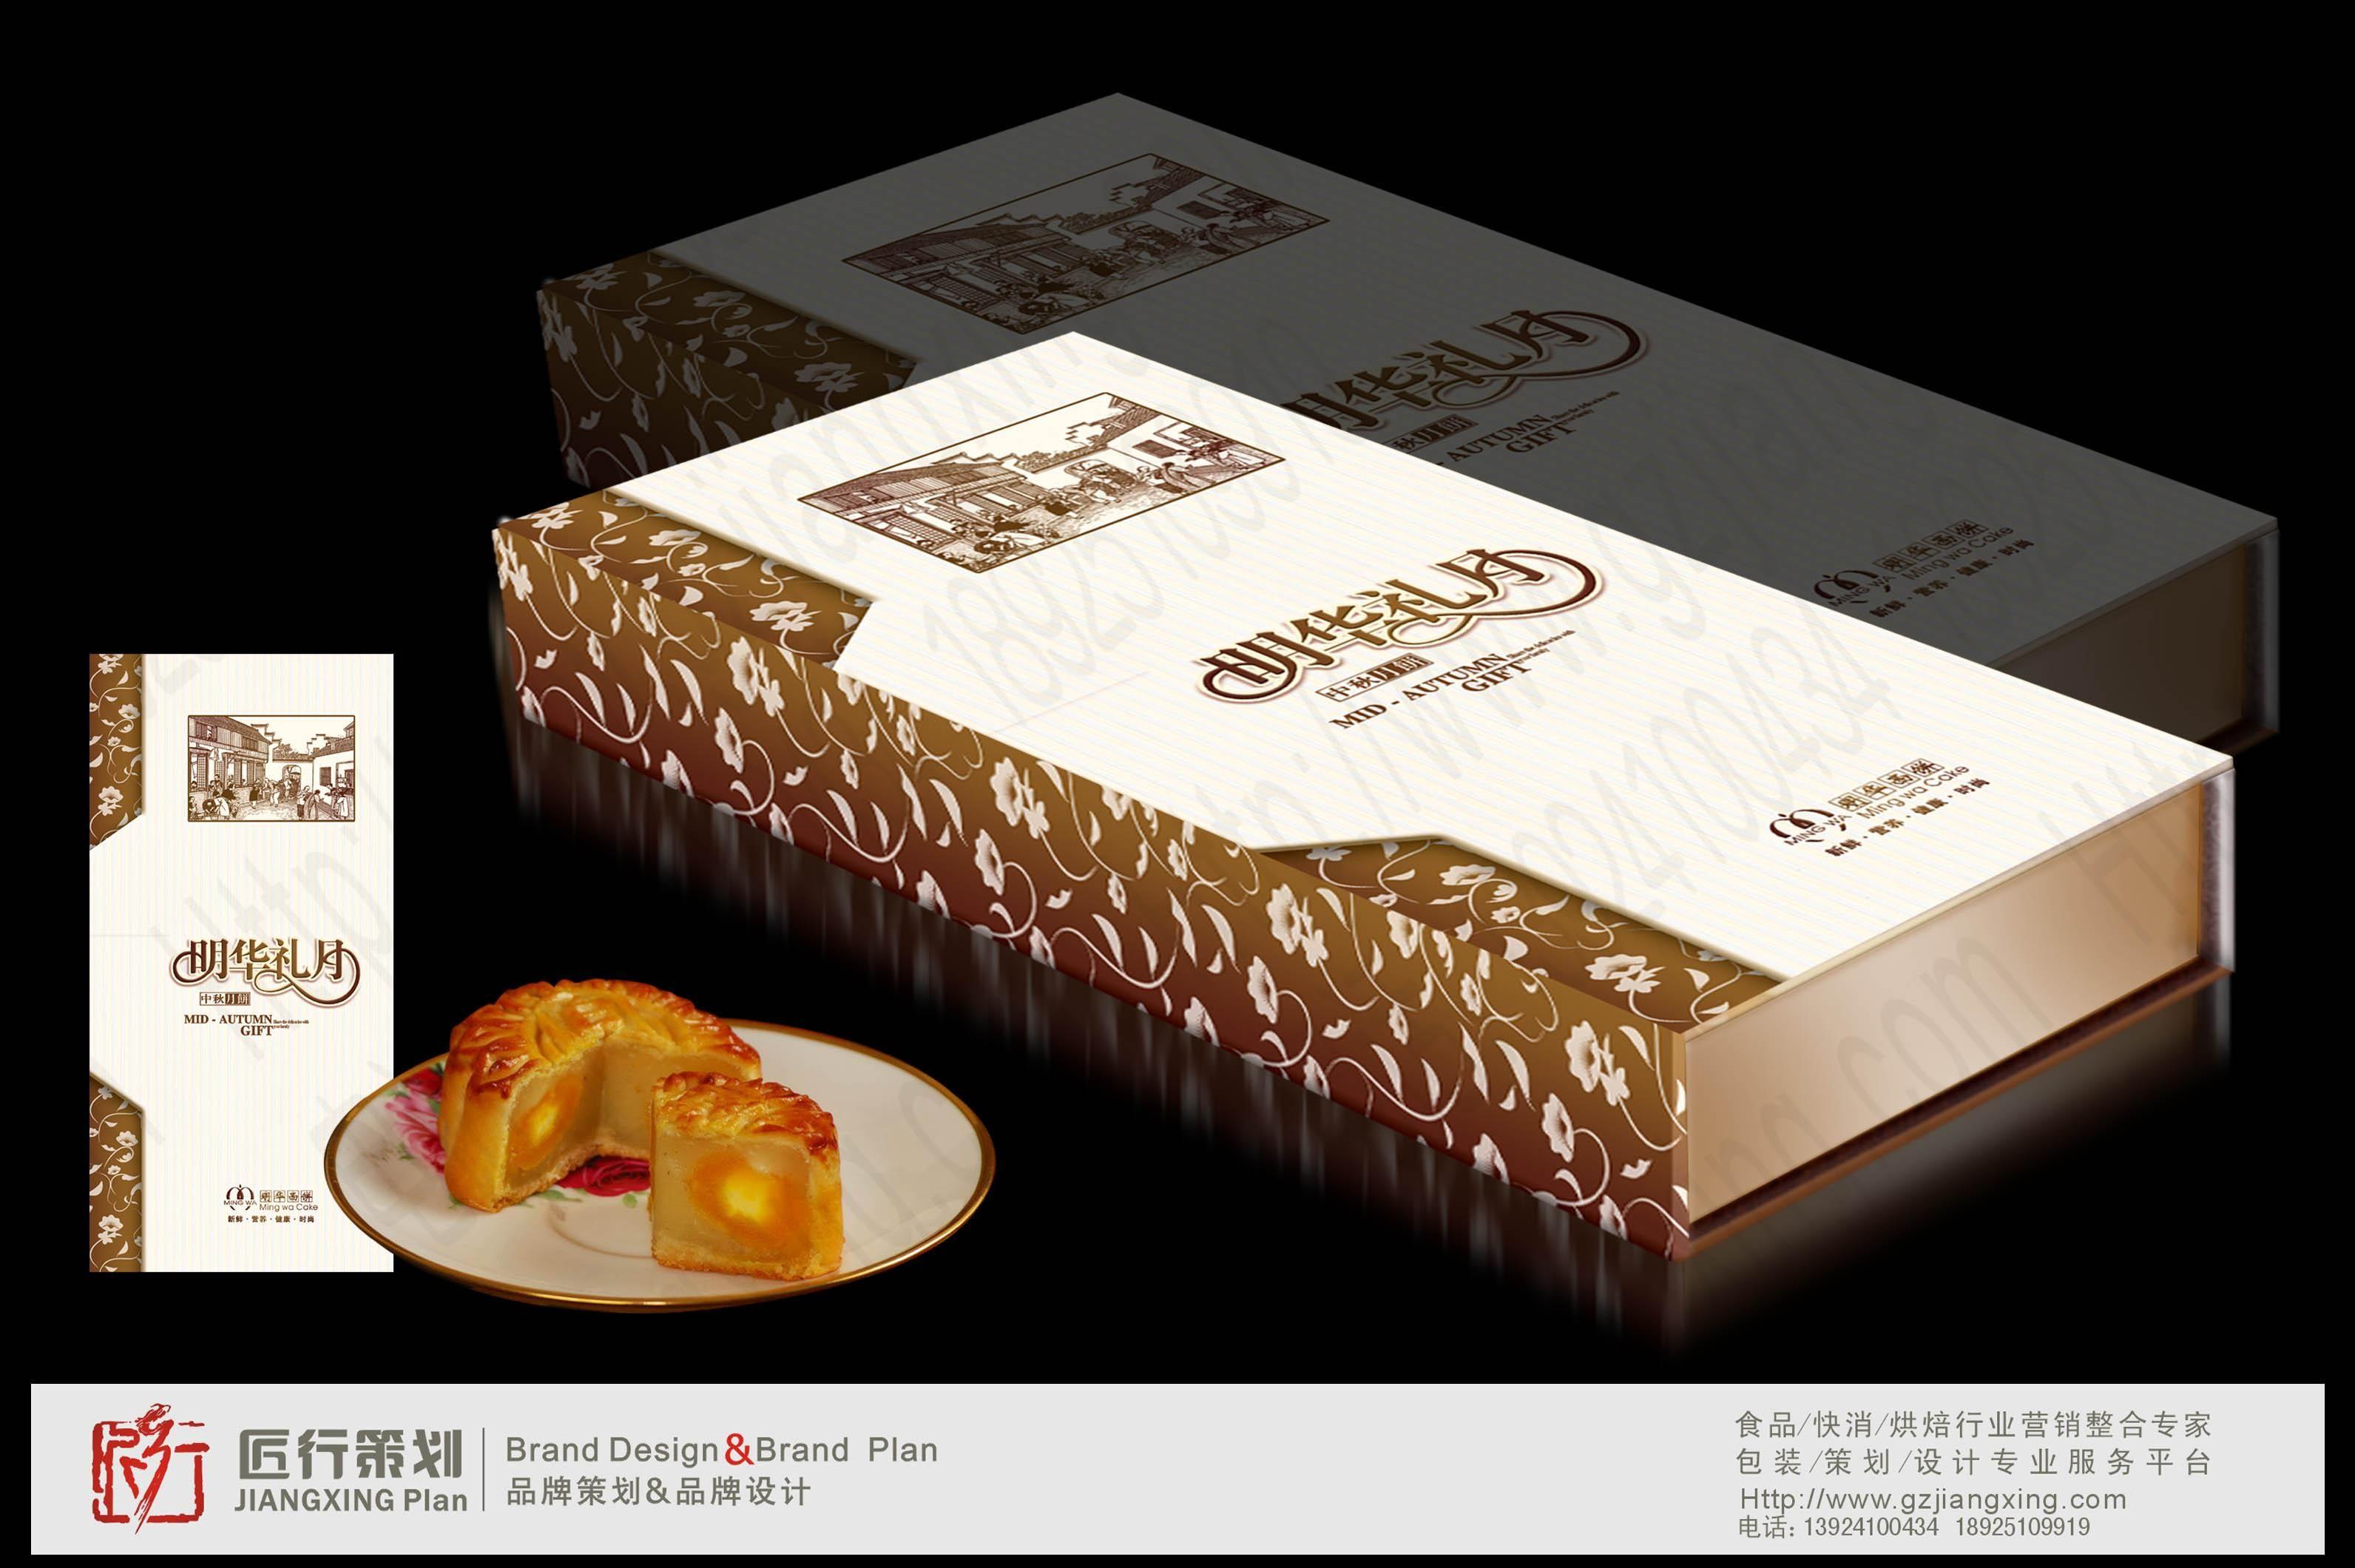 中秋月饼包装 食品企业包装 设计案例 广州匠行营销策划有限公司的空